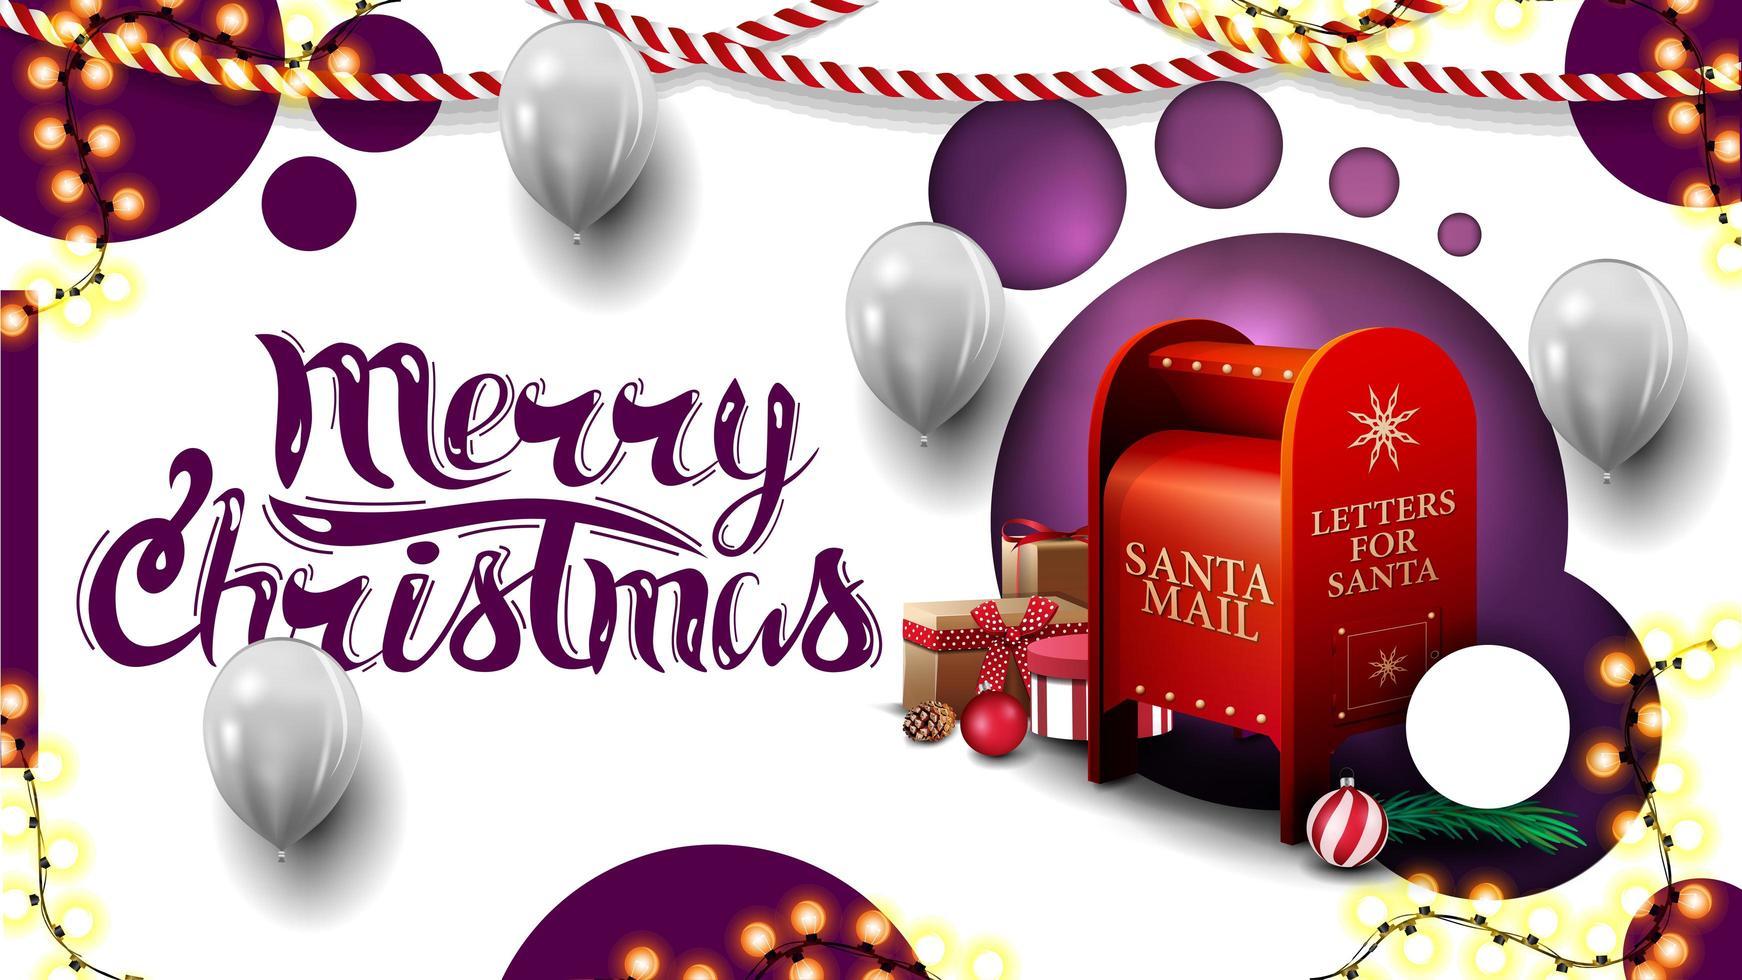 feliz navidad, postal blanca con diseño moderno con círculos morados y buzón de santa con regalos vector